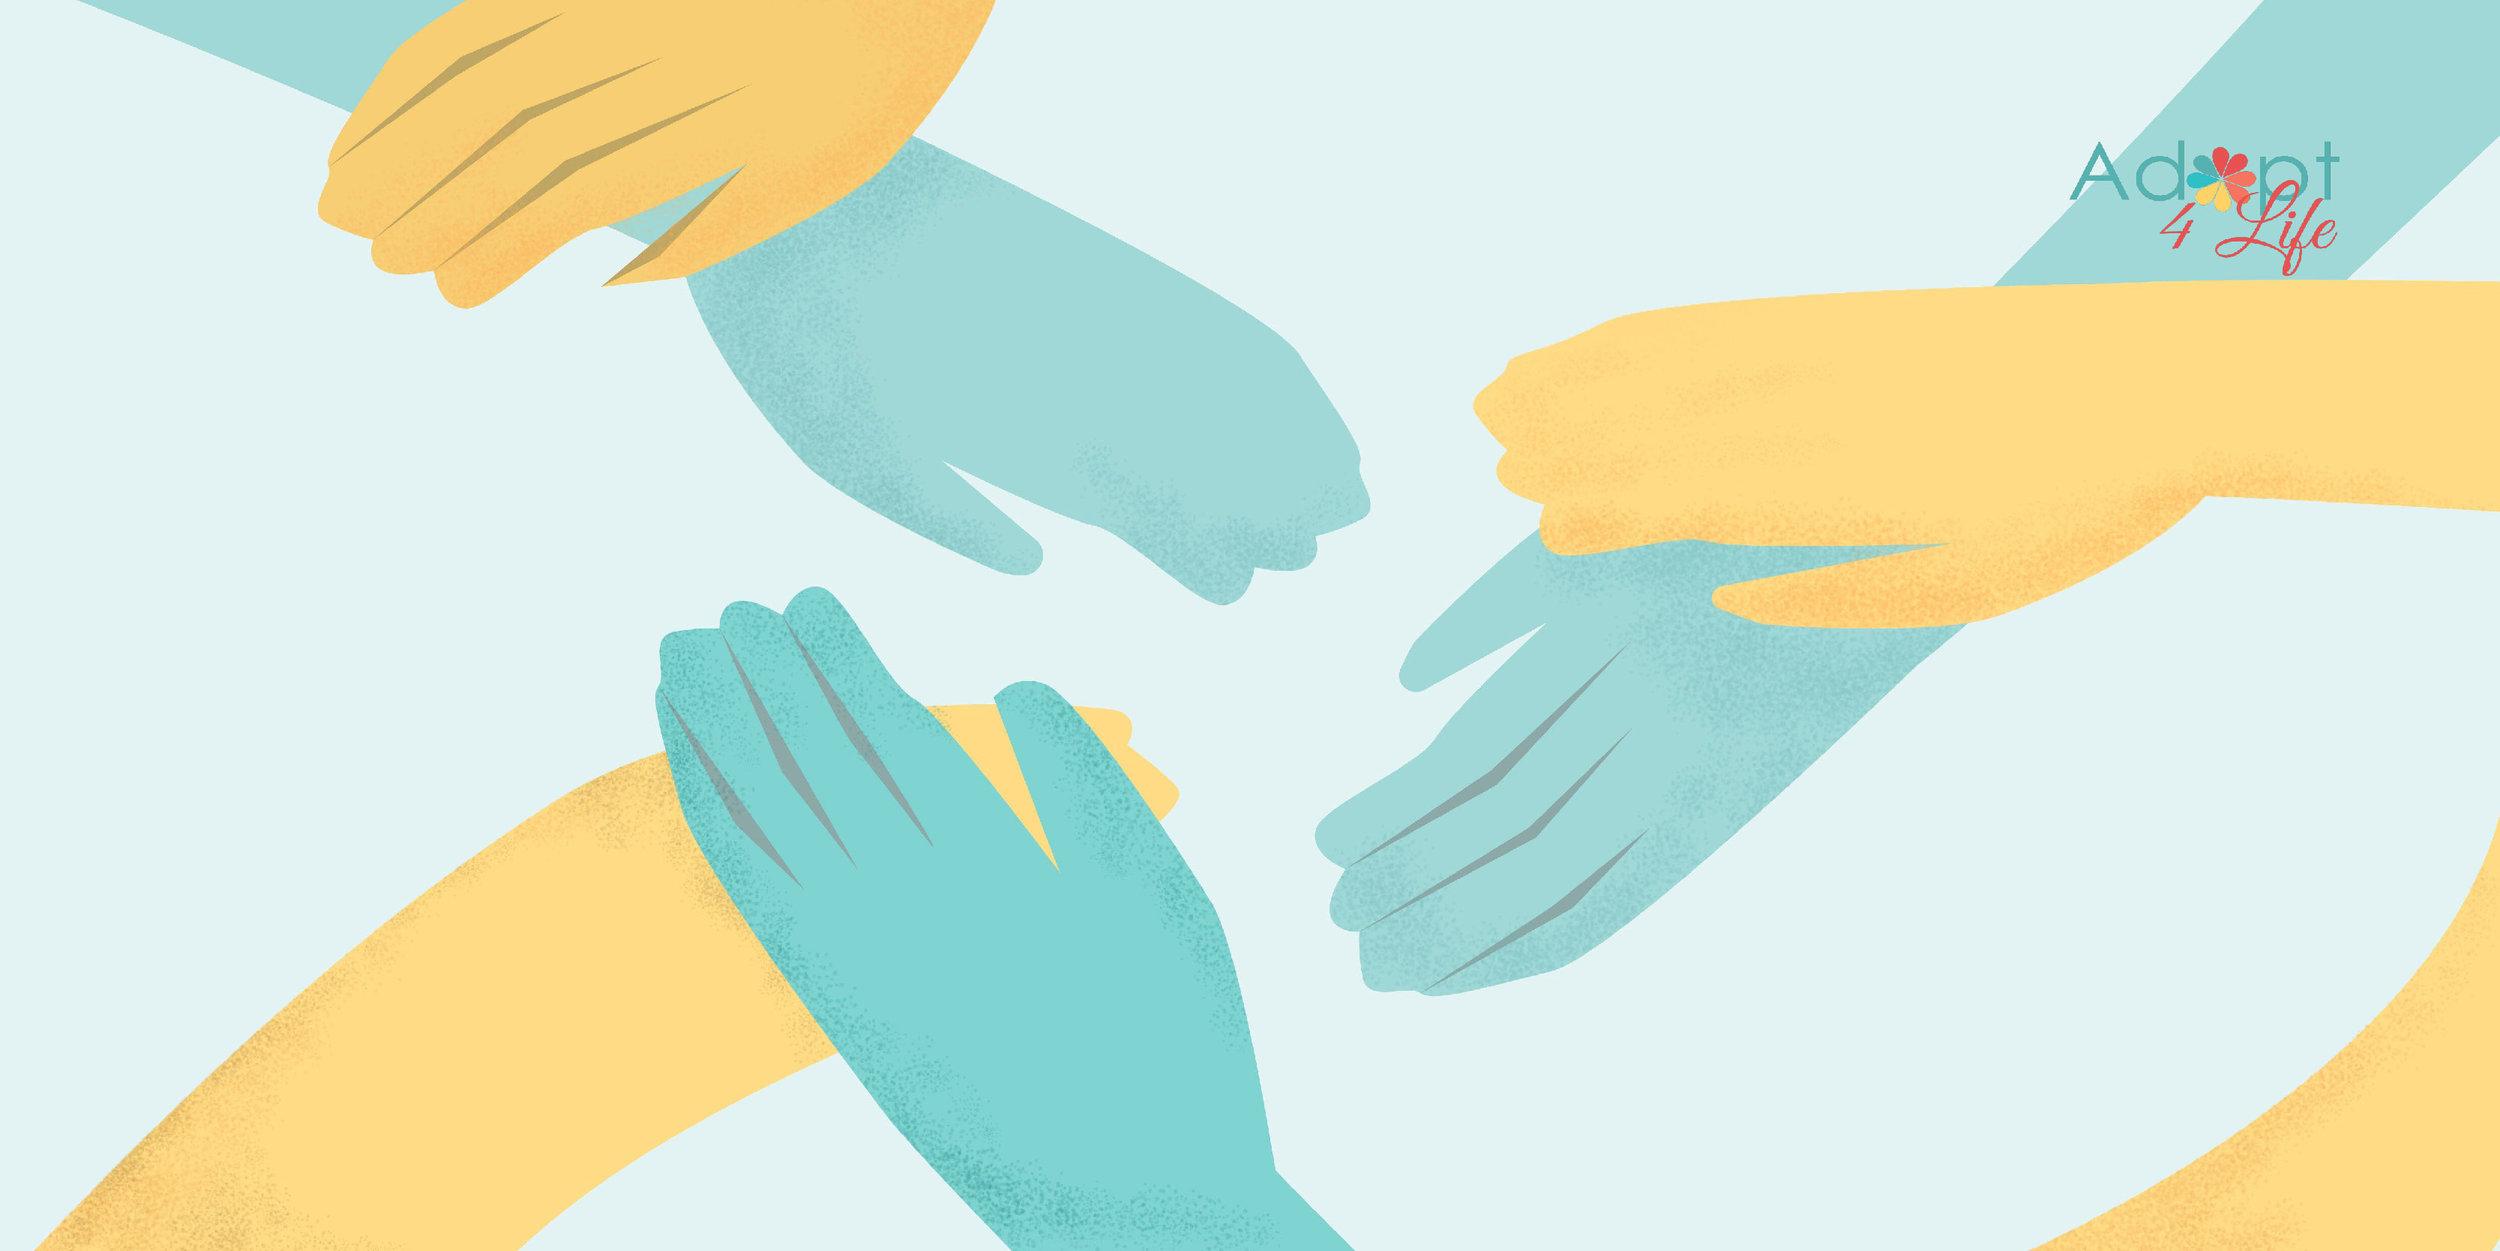 Healing_Together_web_banner.jpg